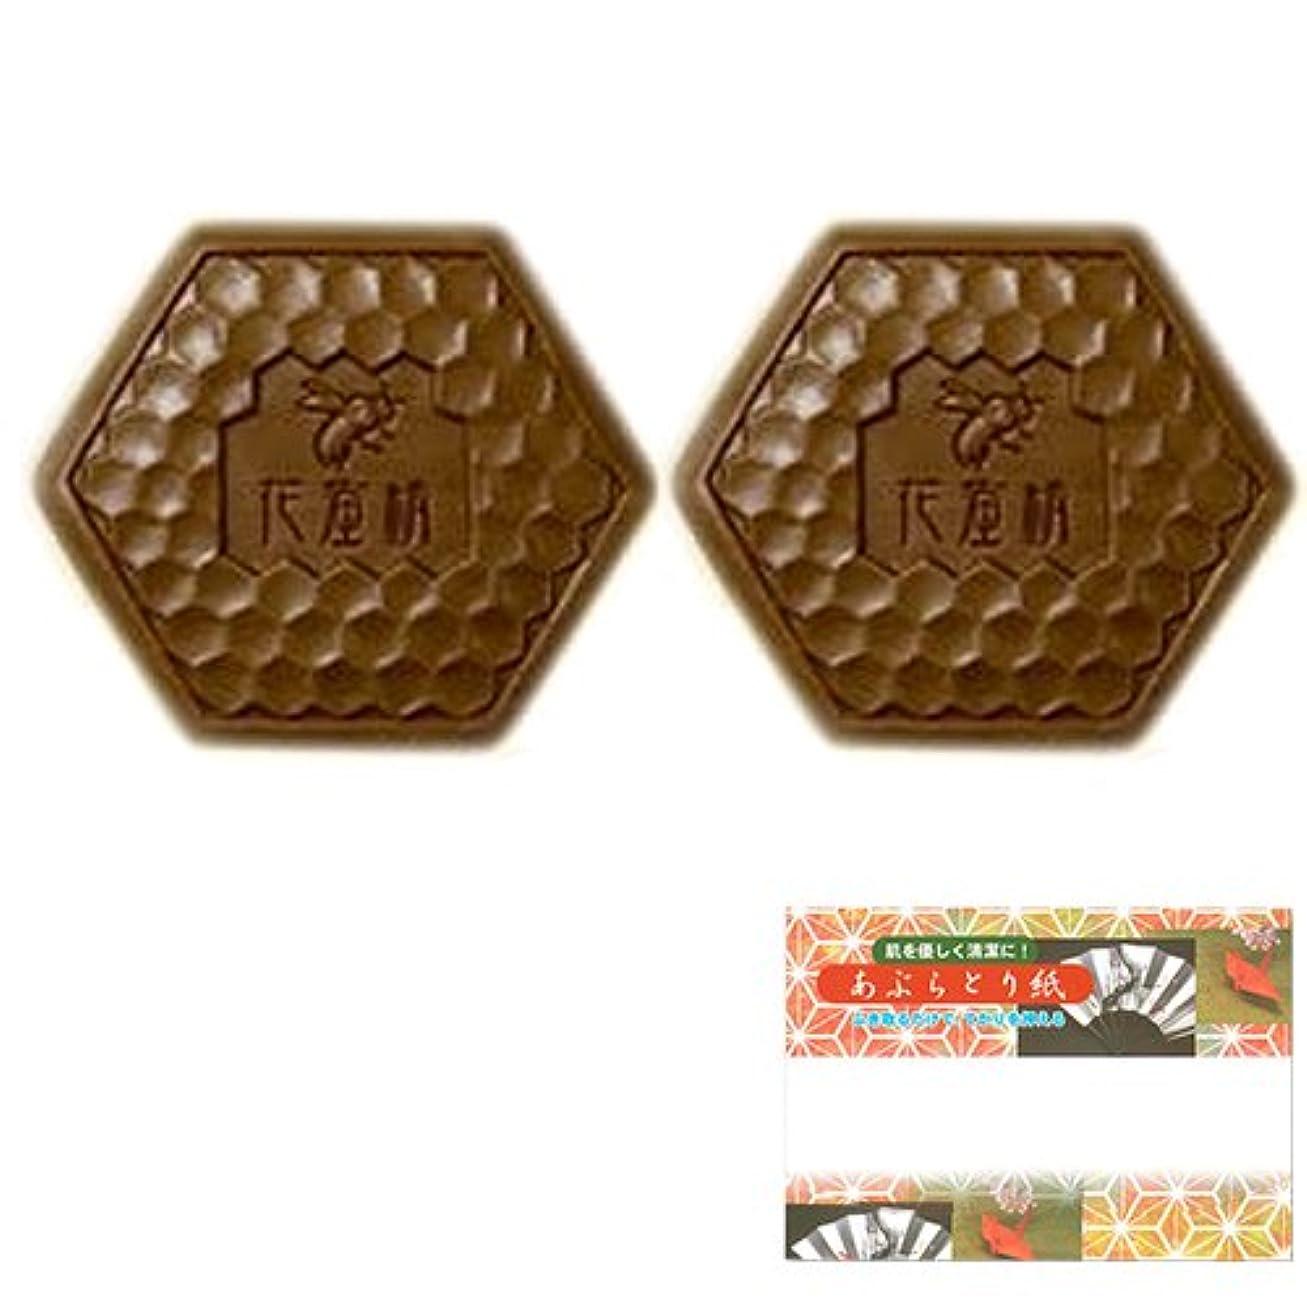 書き込み仮定する維持するフェニックス 花蜜精(かみつせい) はちみつ クレンジングソープ 2個 + 高級あぶらとり紙セット